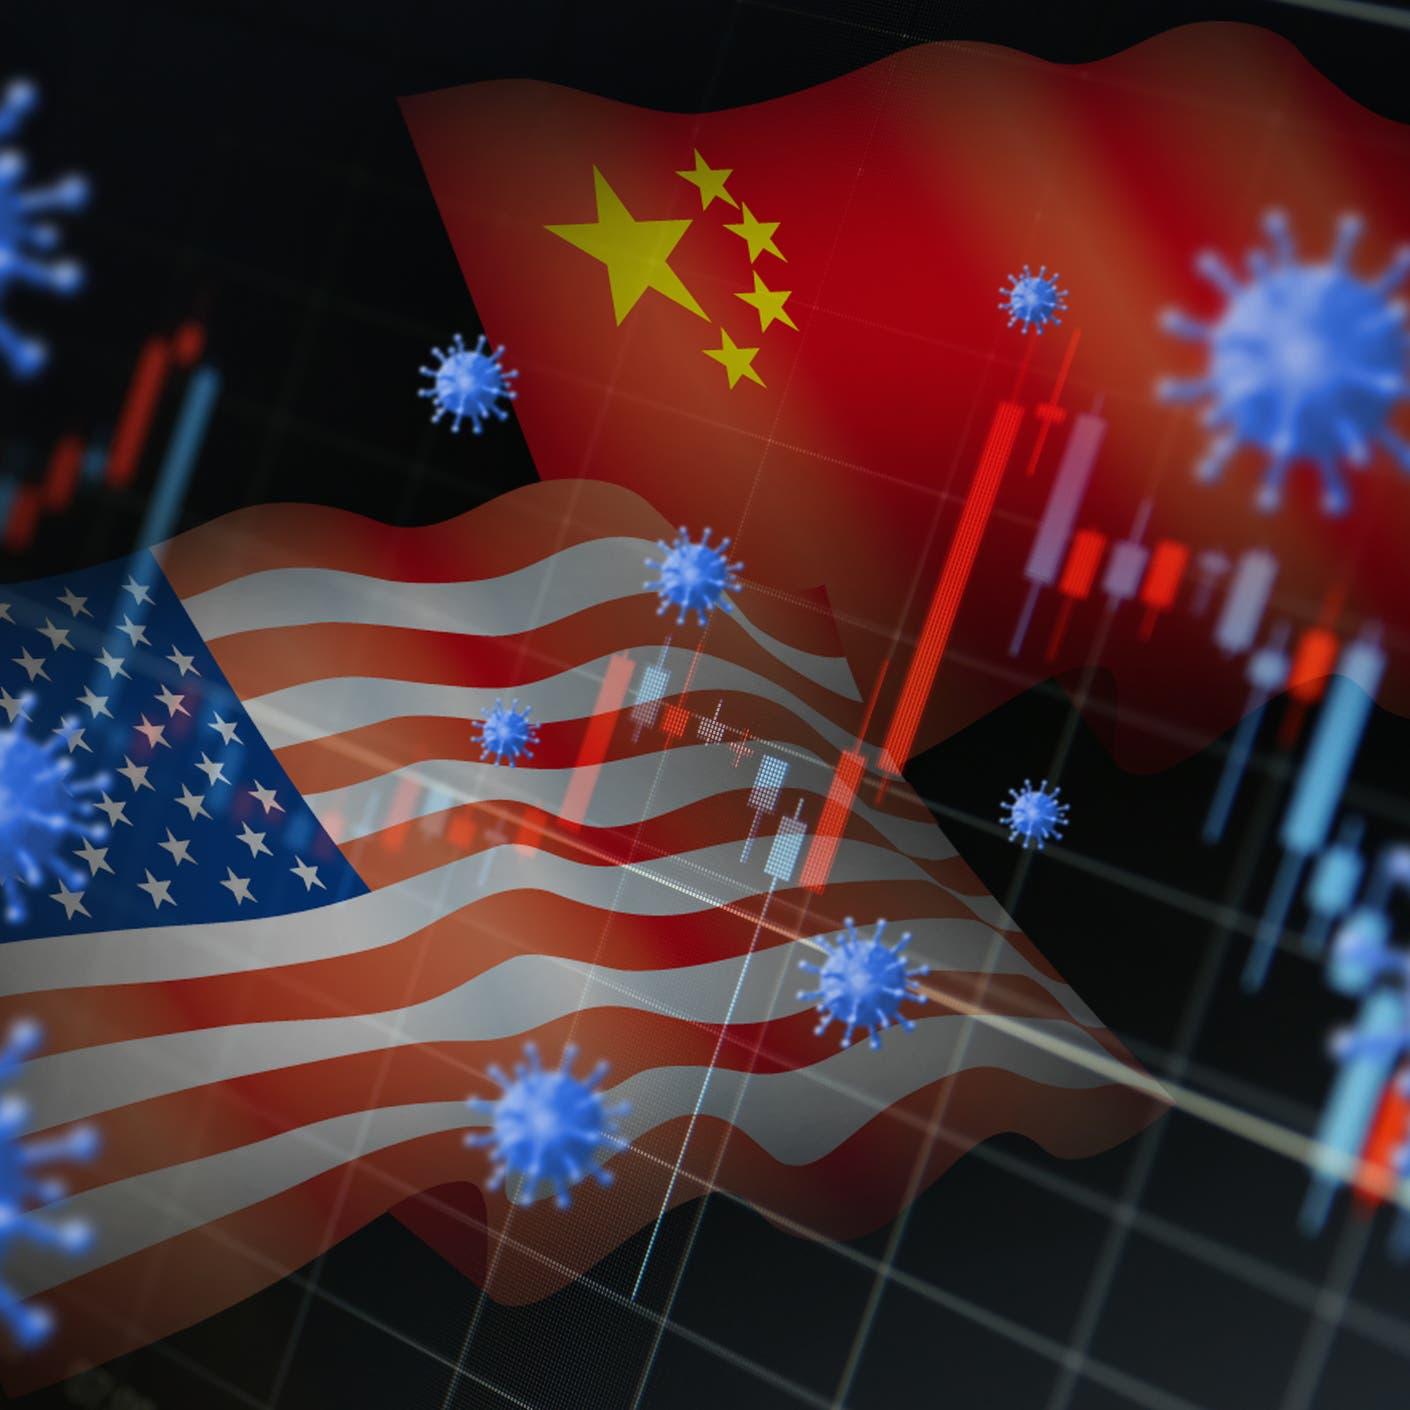 أعضاء بمجلس الشيوخ يفوضون ترمب لفرض عقوبات على الصين